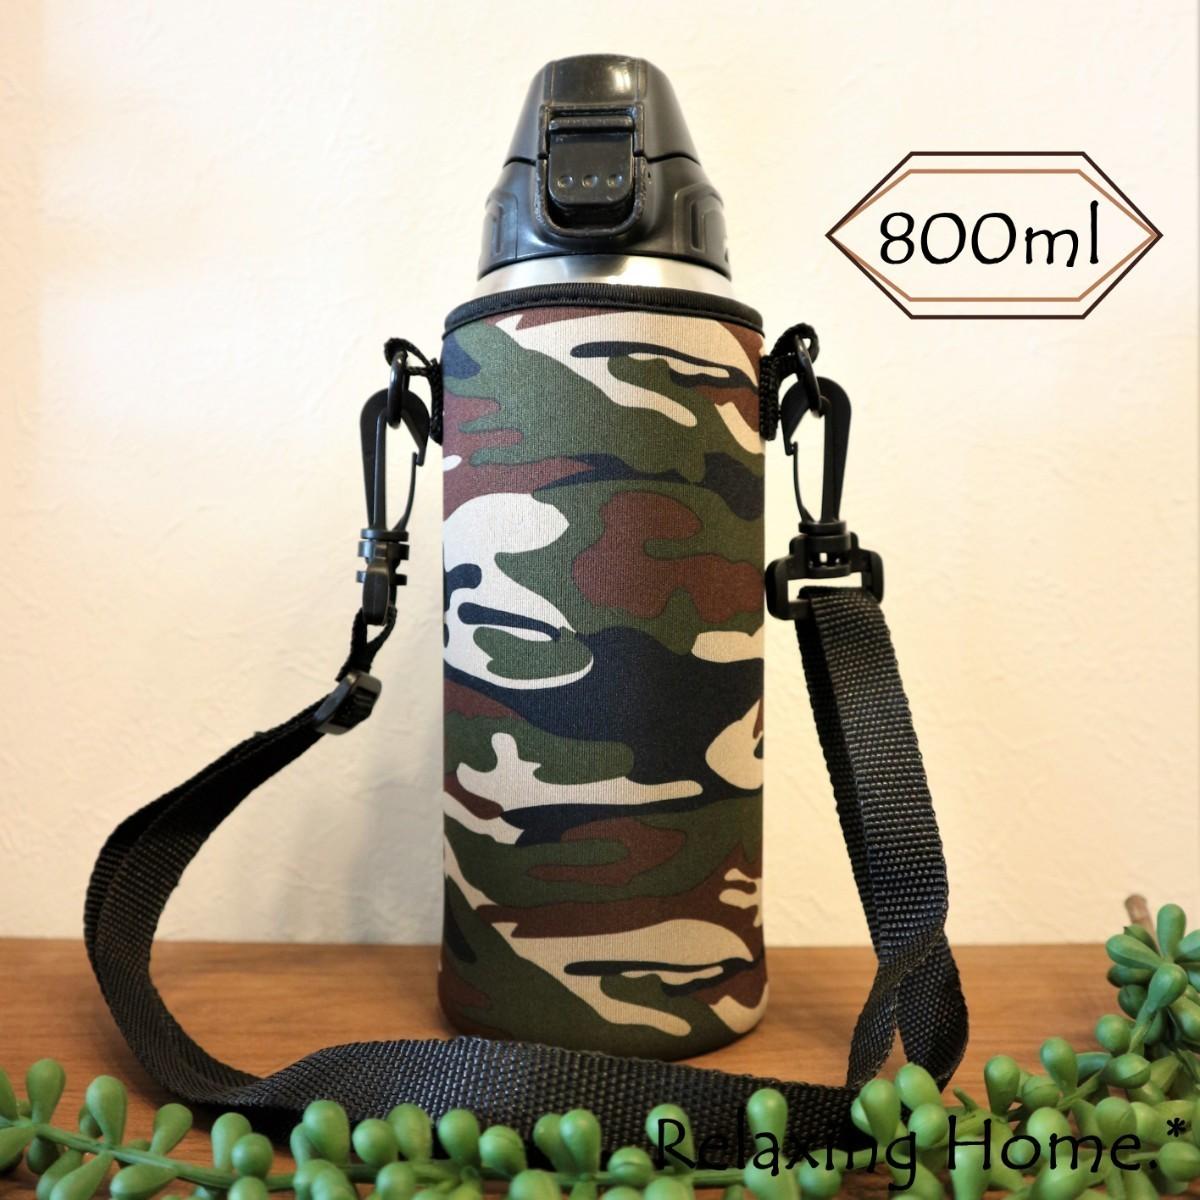 ★水筒カバー★800ml  水筒ケース ボトルカバー   ショルダー付 C★